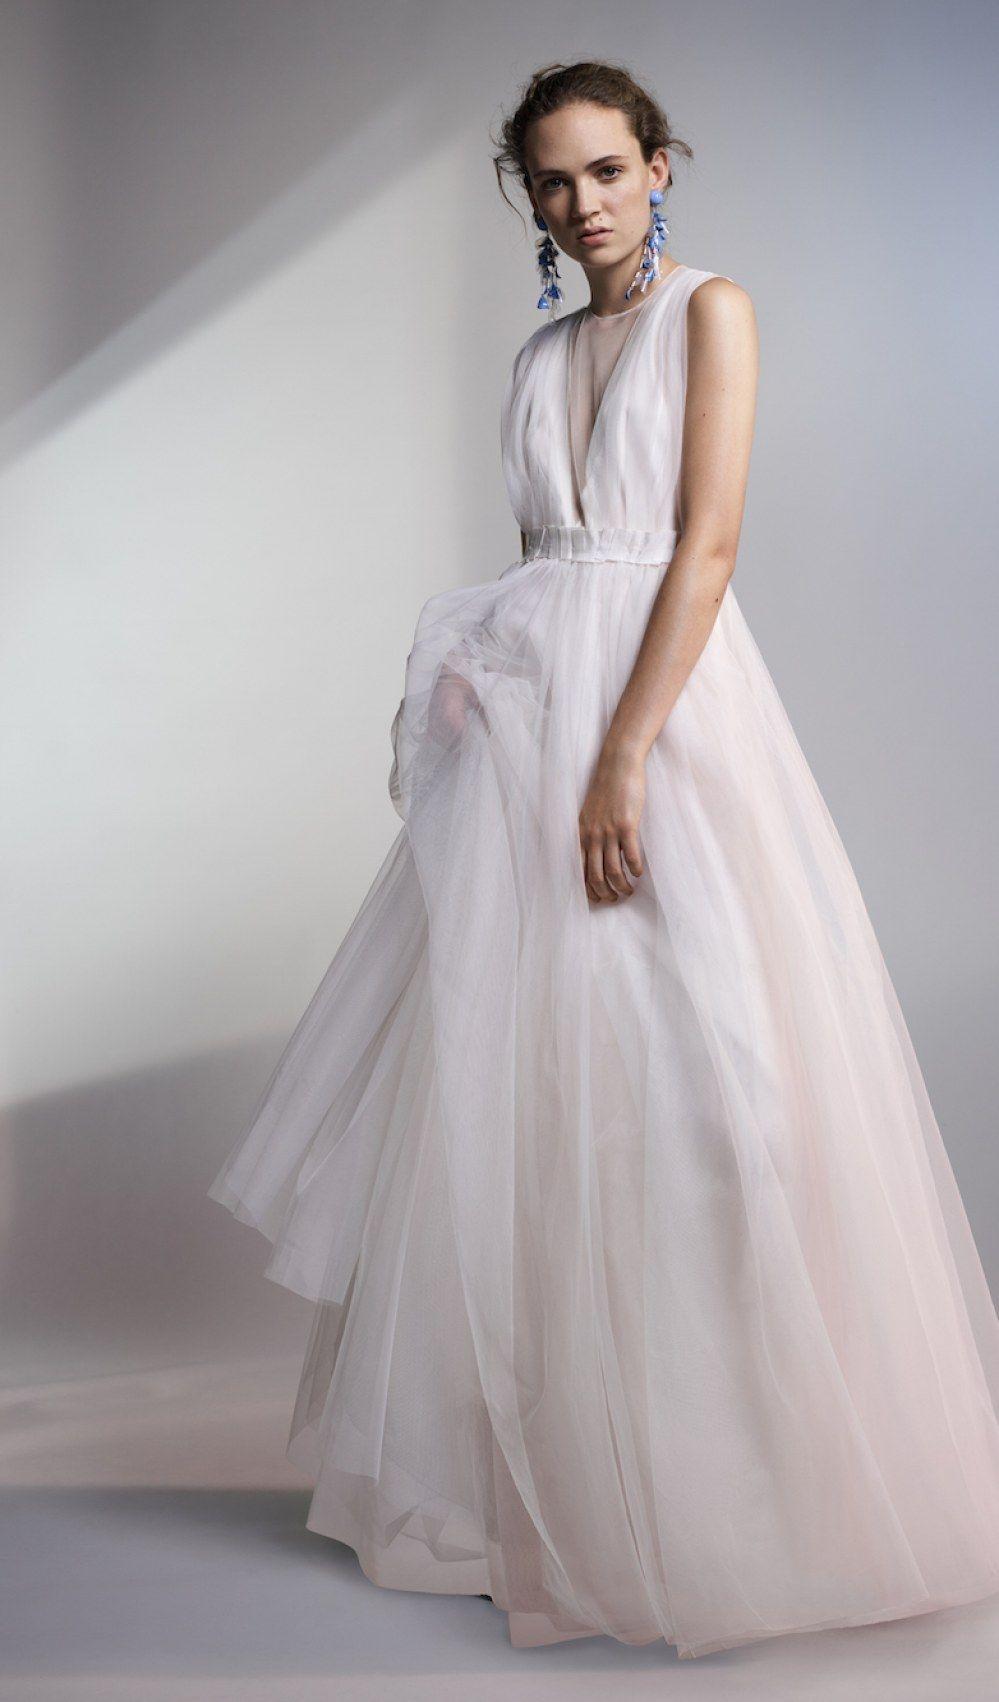 25796f7b5 H&M : sa nouvelle robe de mariée pas cher et 100% écolo | Robes de ...